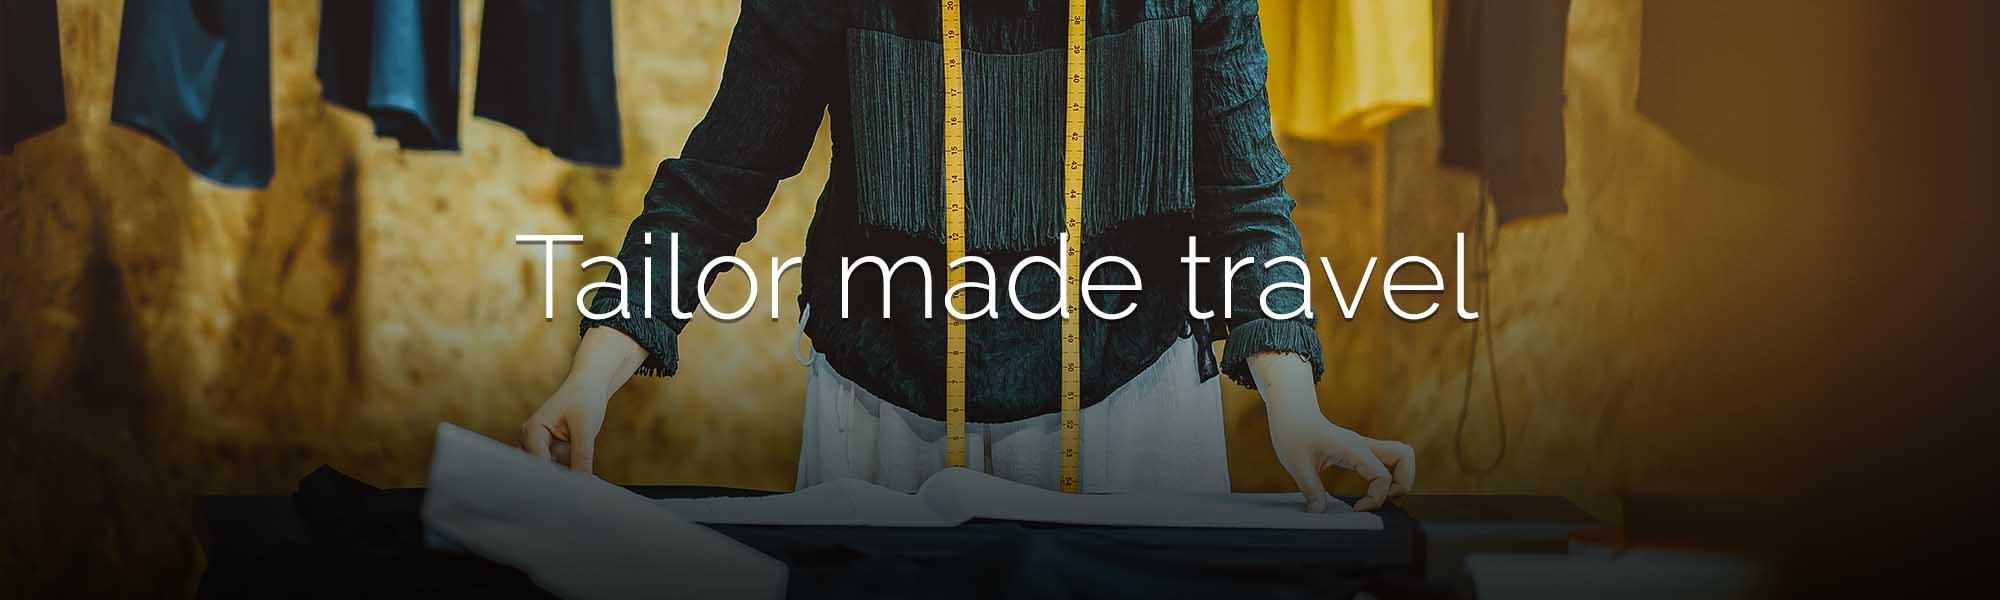 tailor made tour operator